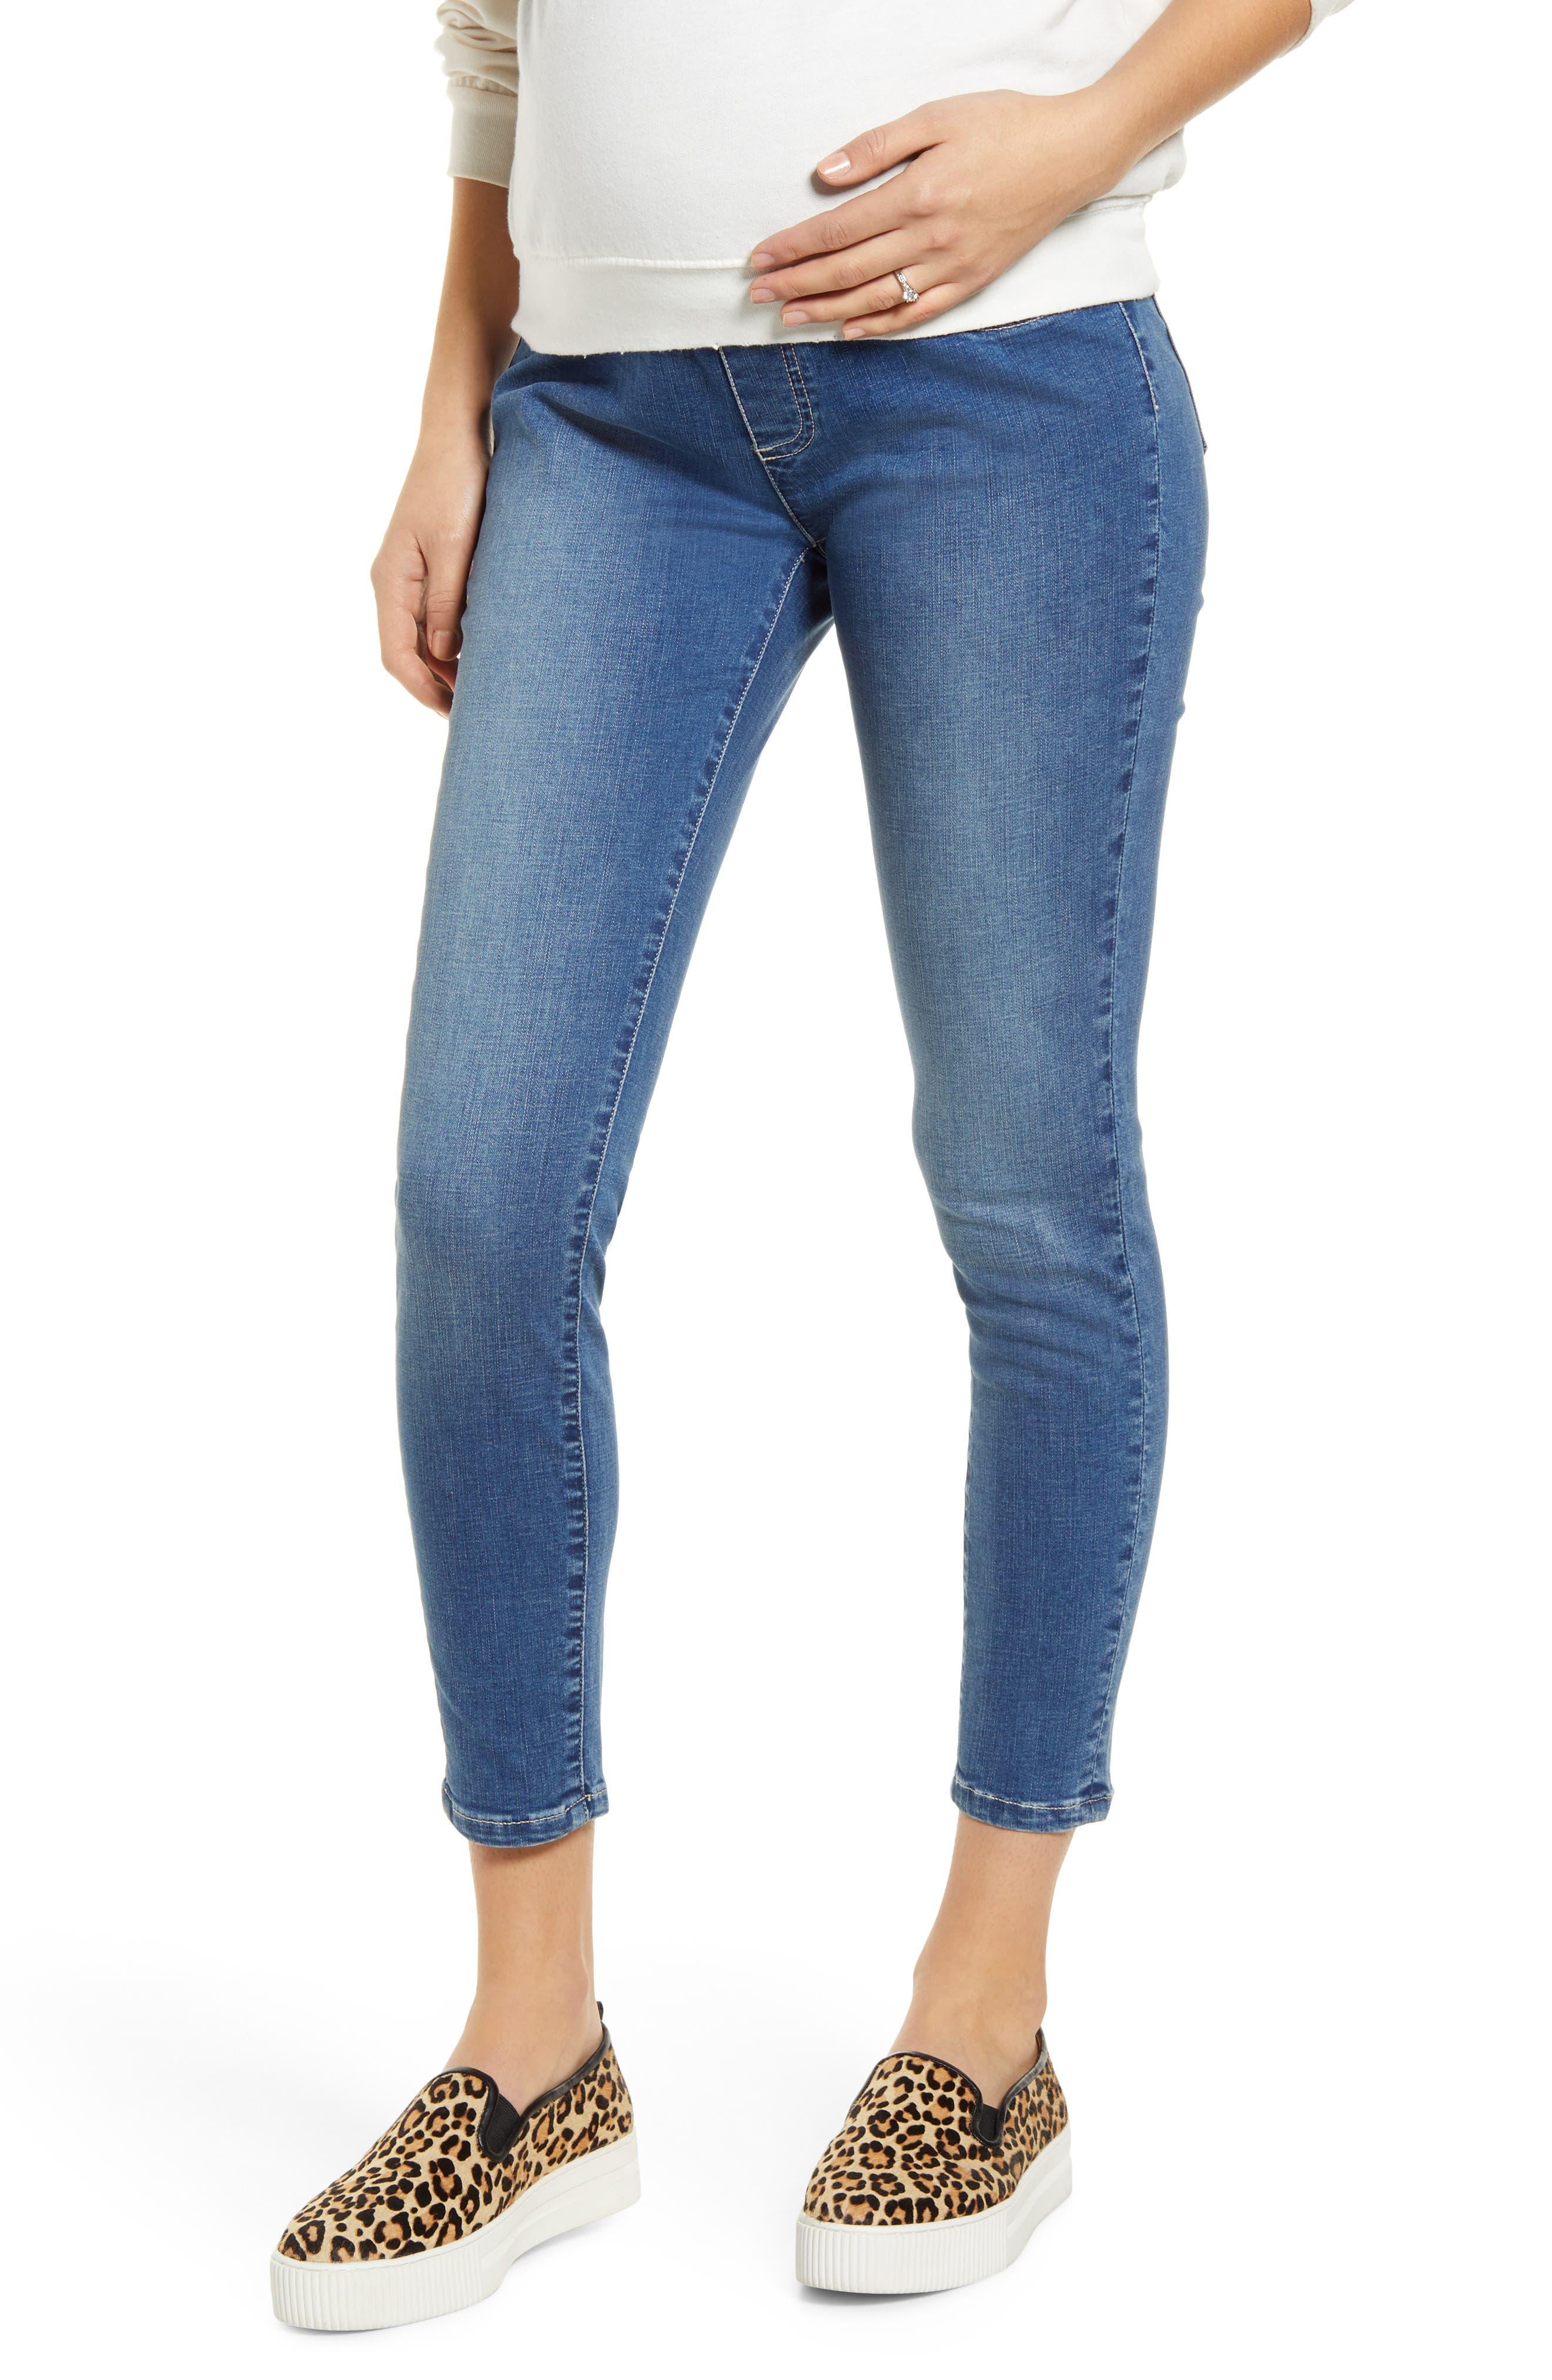 High Waist Crop Maternity Jeans